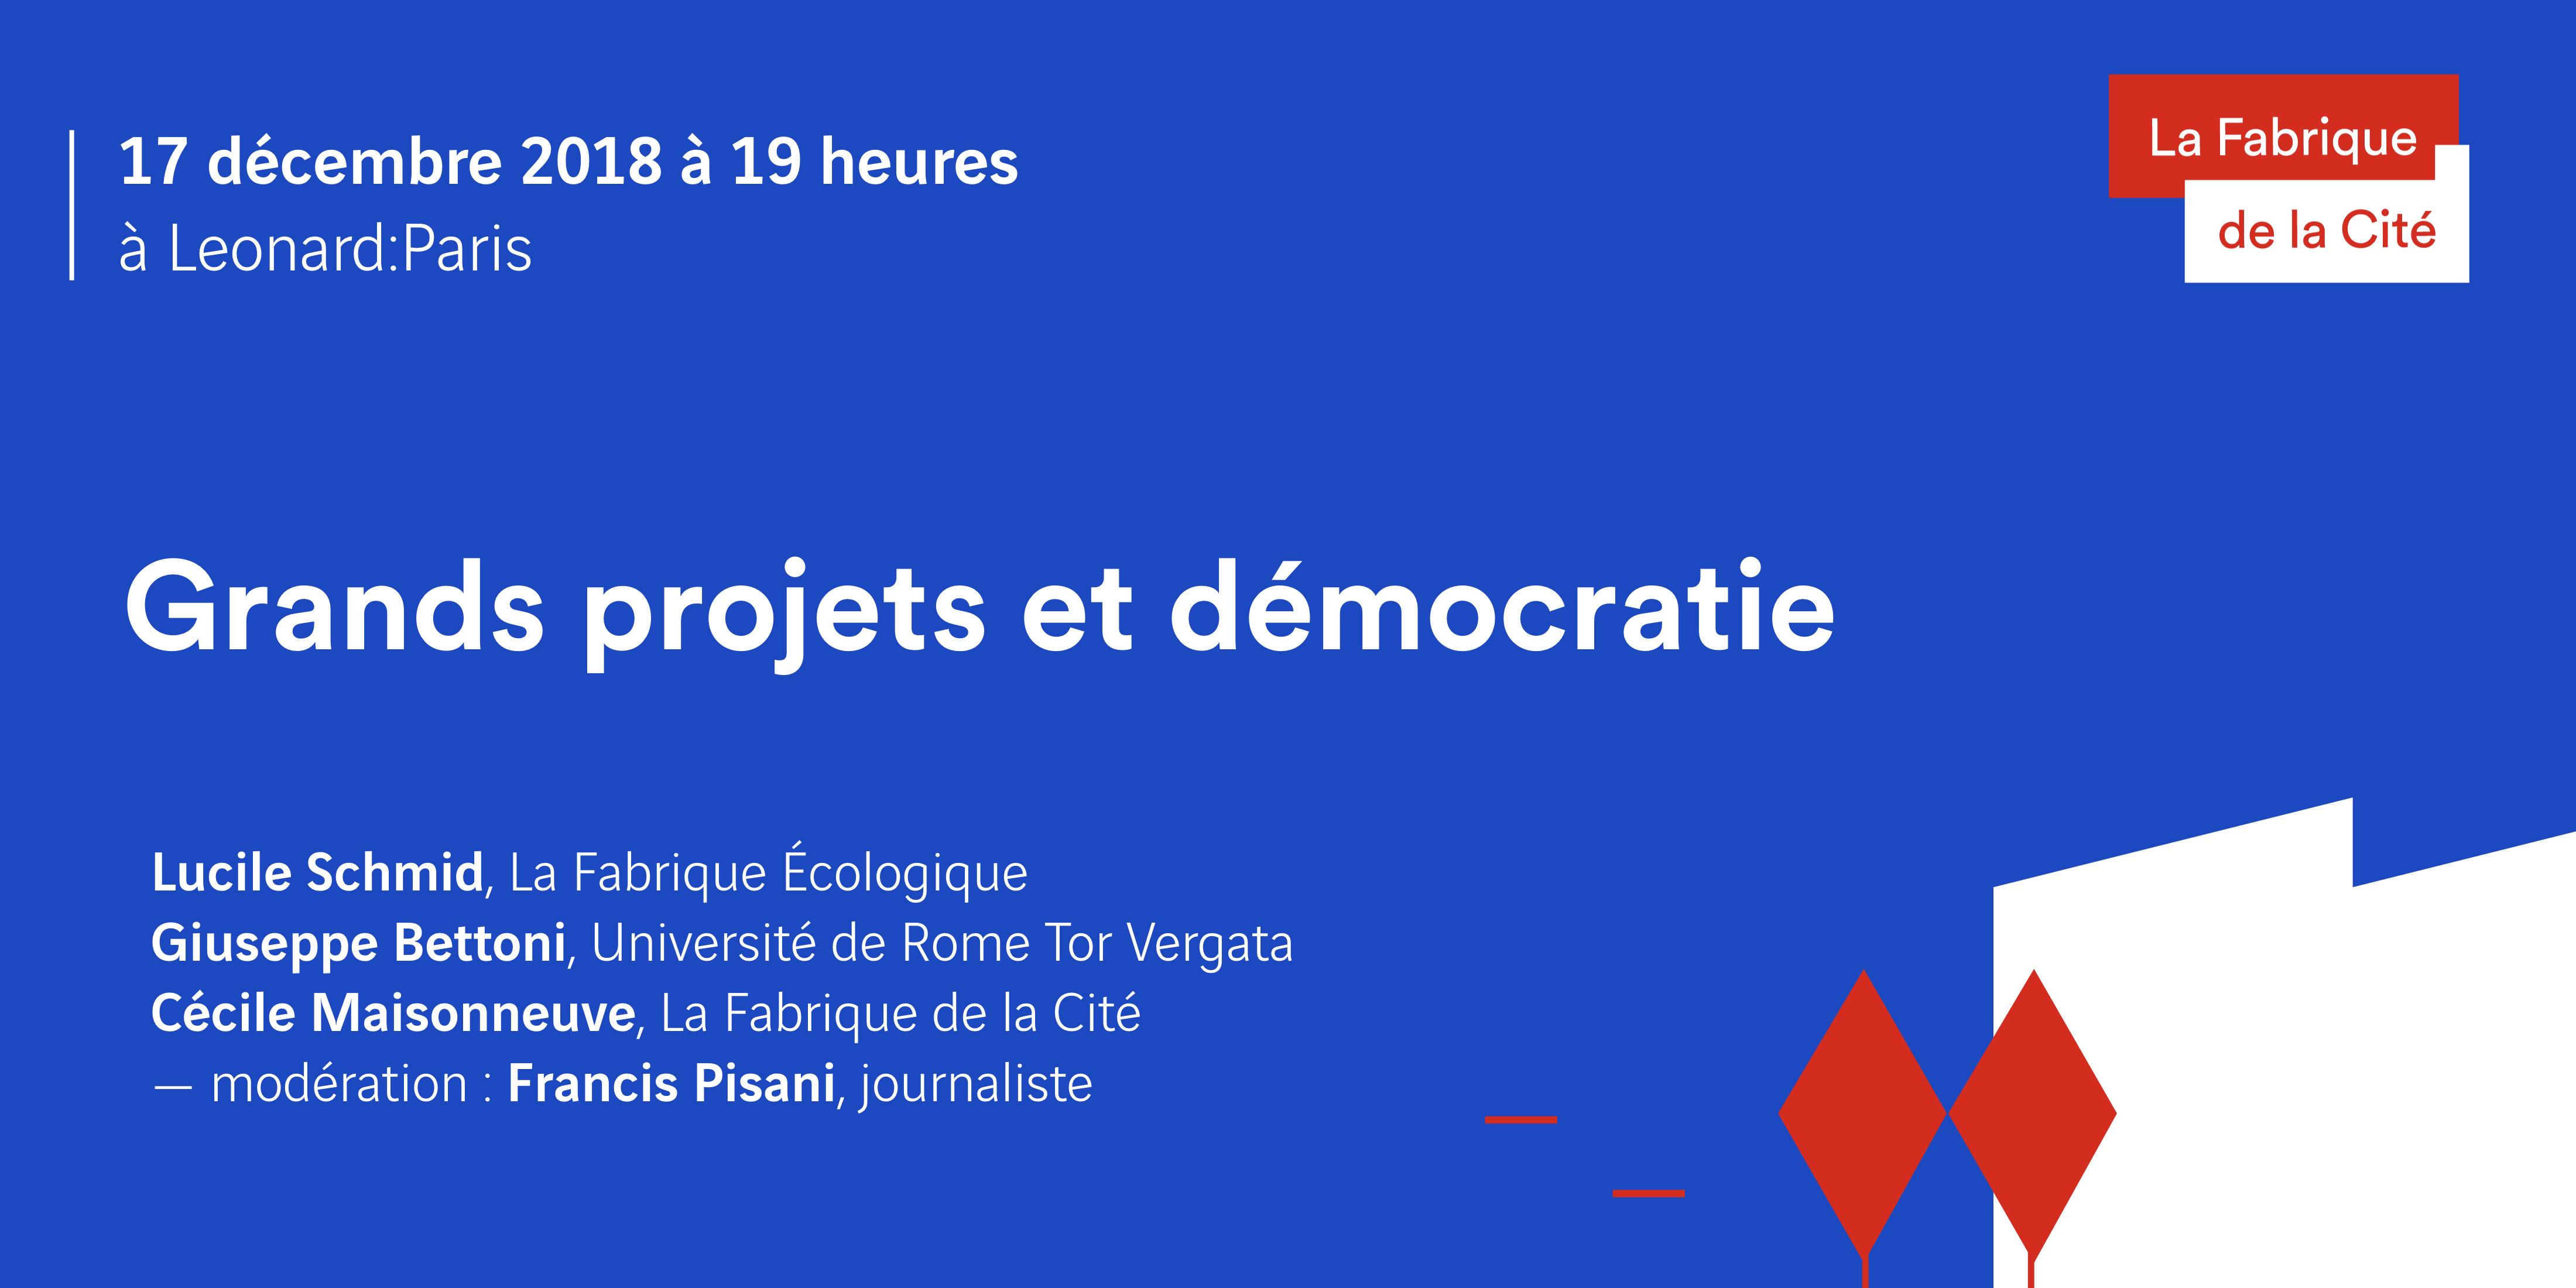 """""""Grands projets et démocratie"""" - Invitation à la rencontre du 17 décembre à Leonard:Paris"""